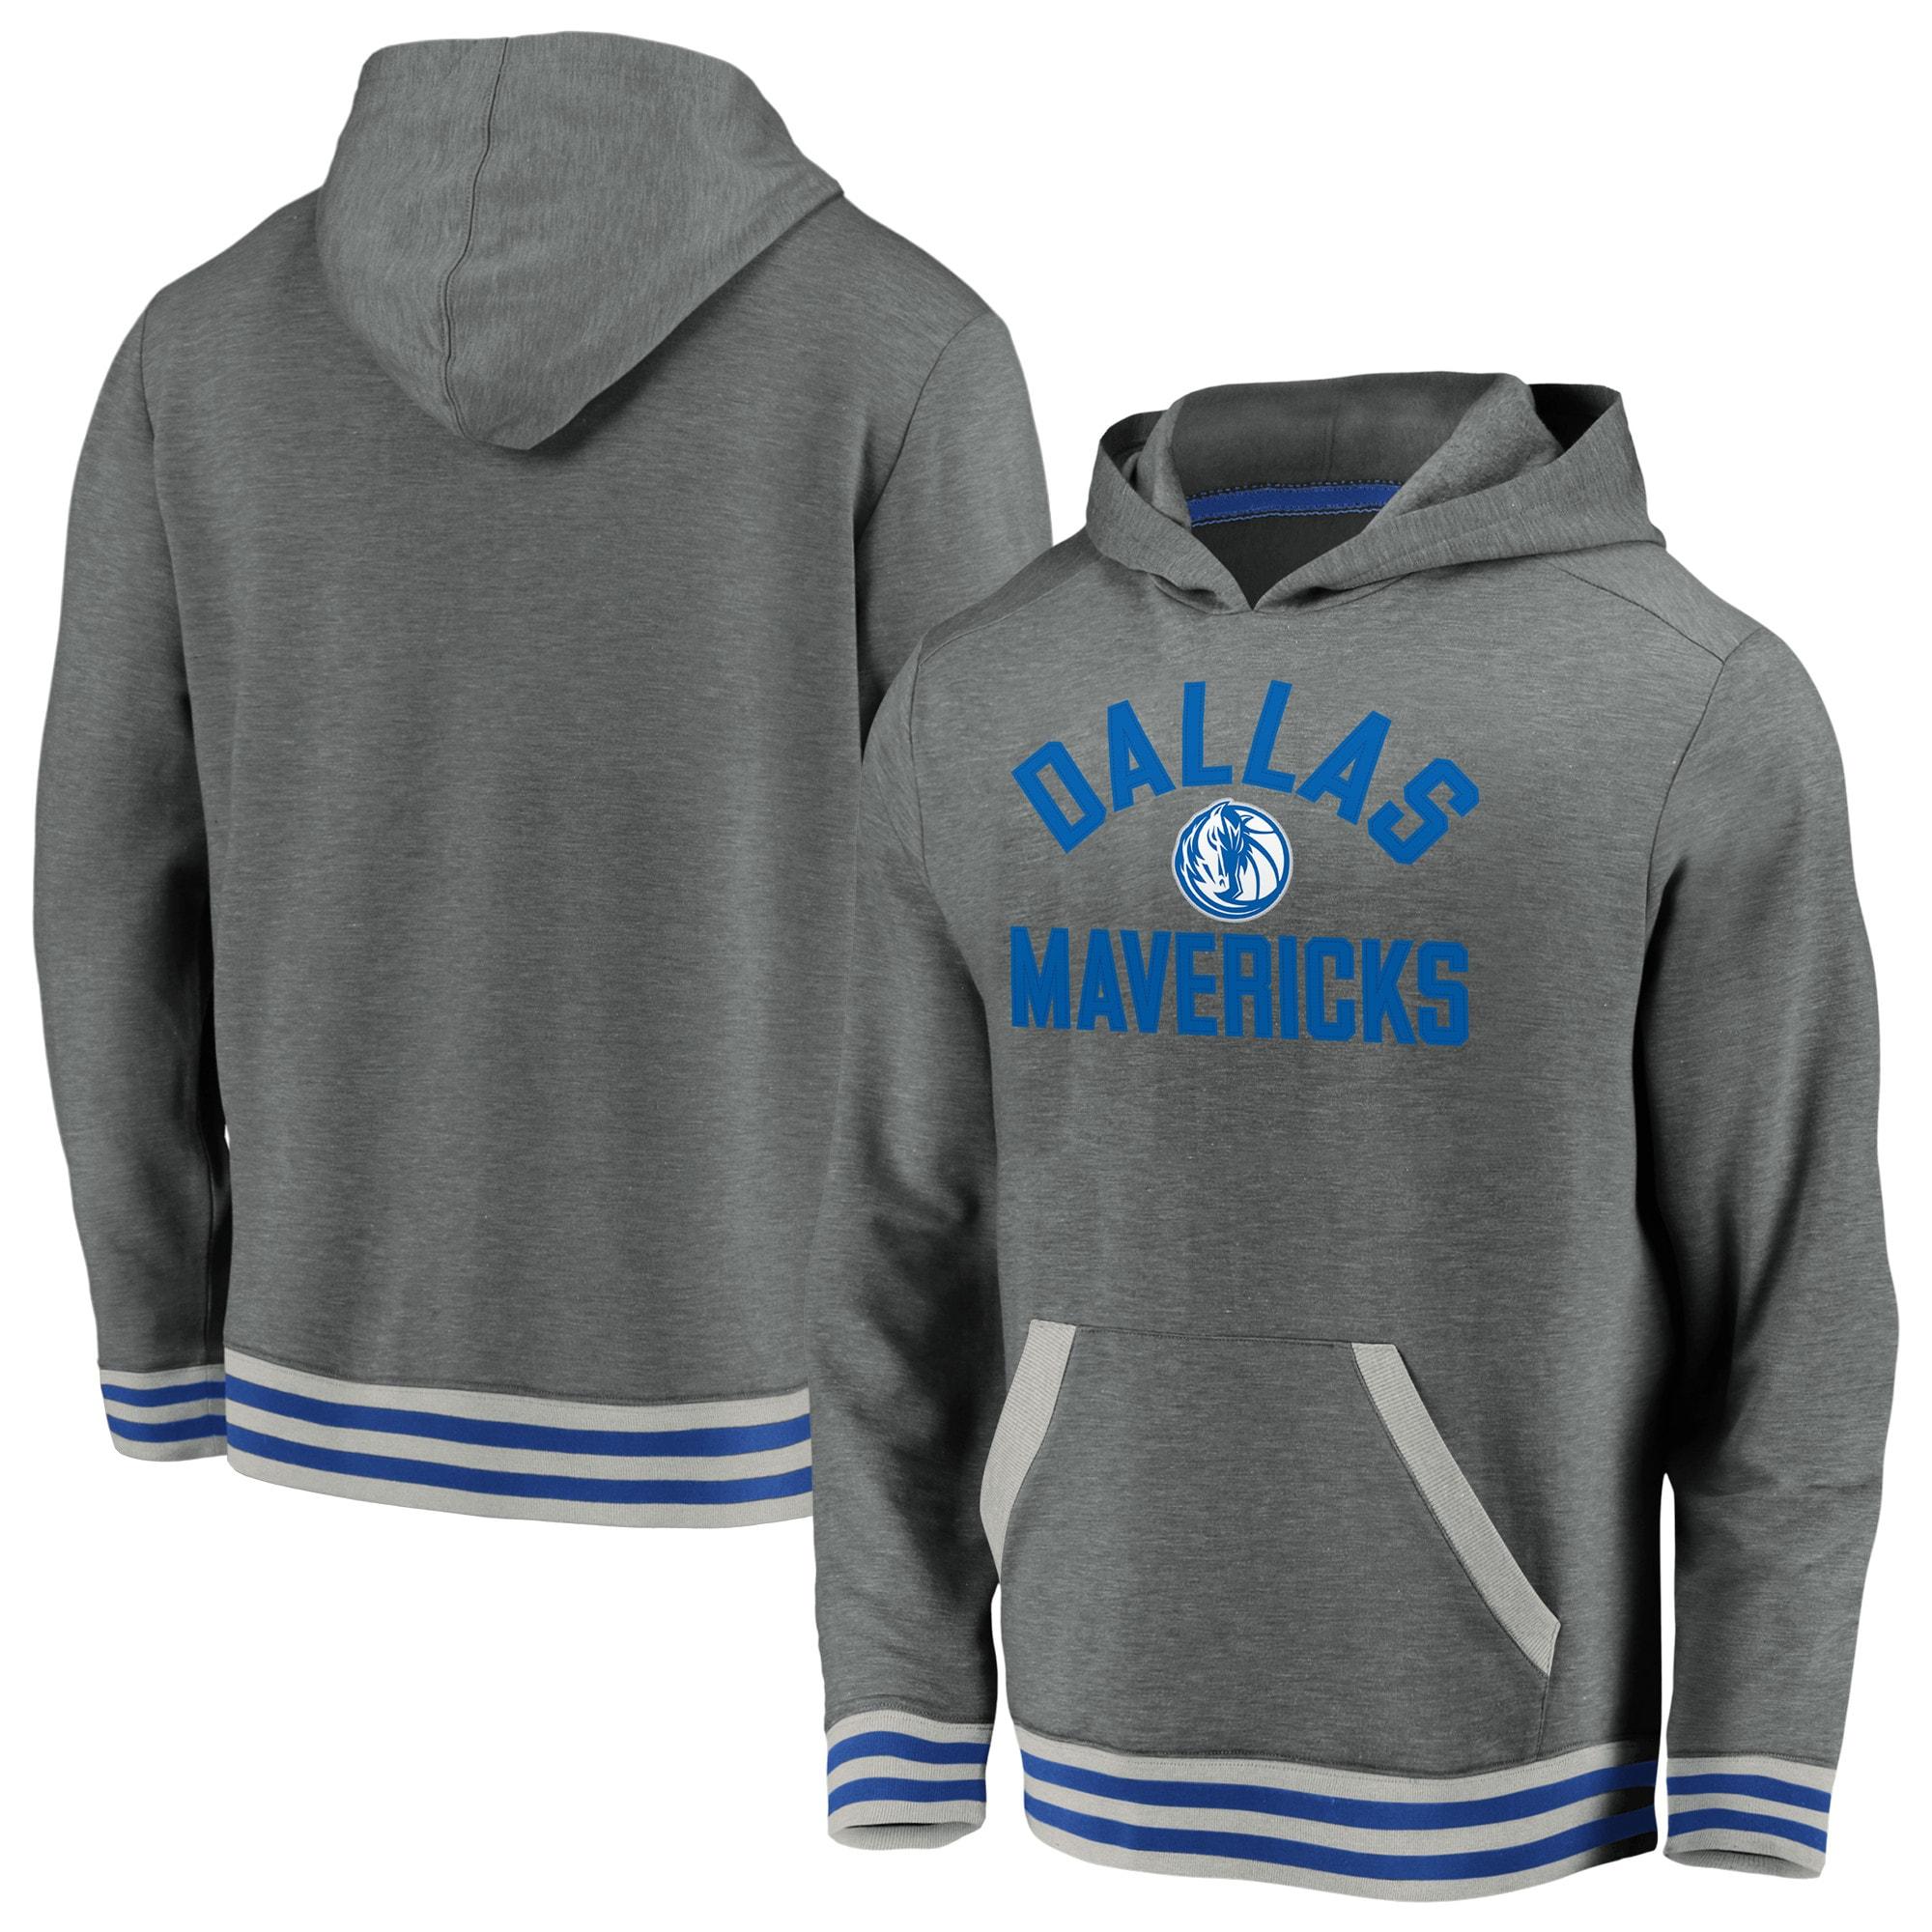 Dallas Mavericks Fanatics Branded True Classics Vintage Upperclassman Tri-Blend Pullover Hoodie - Gray